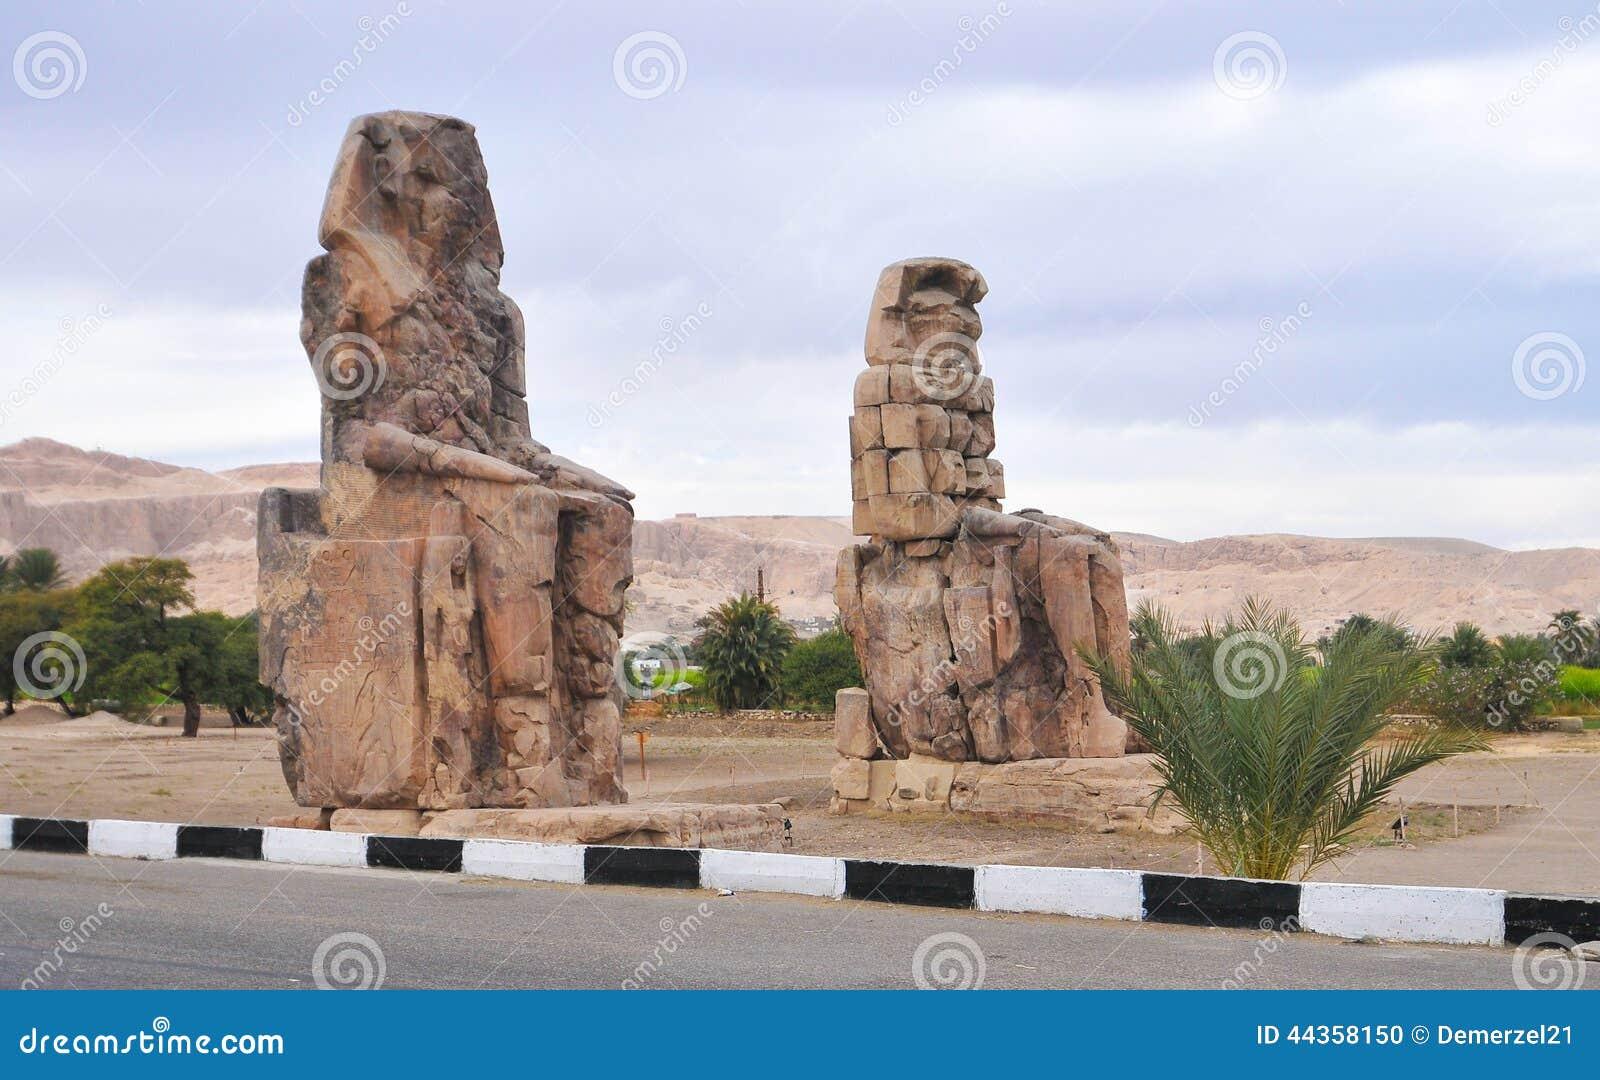 Collosi di Memnon - Luxor, Egitto